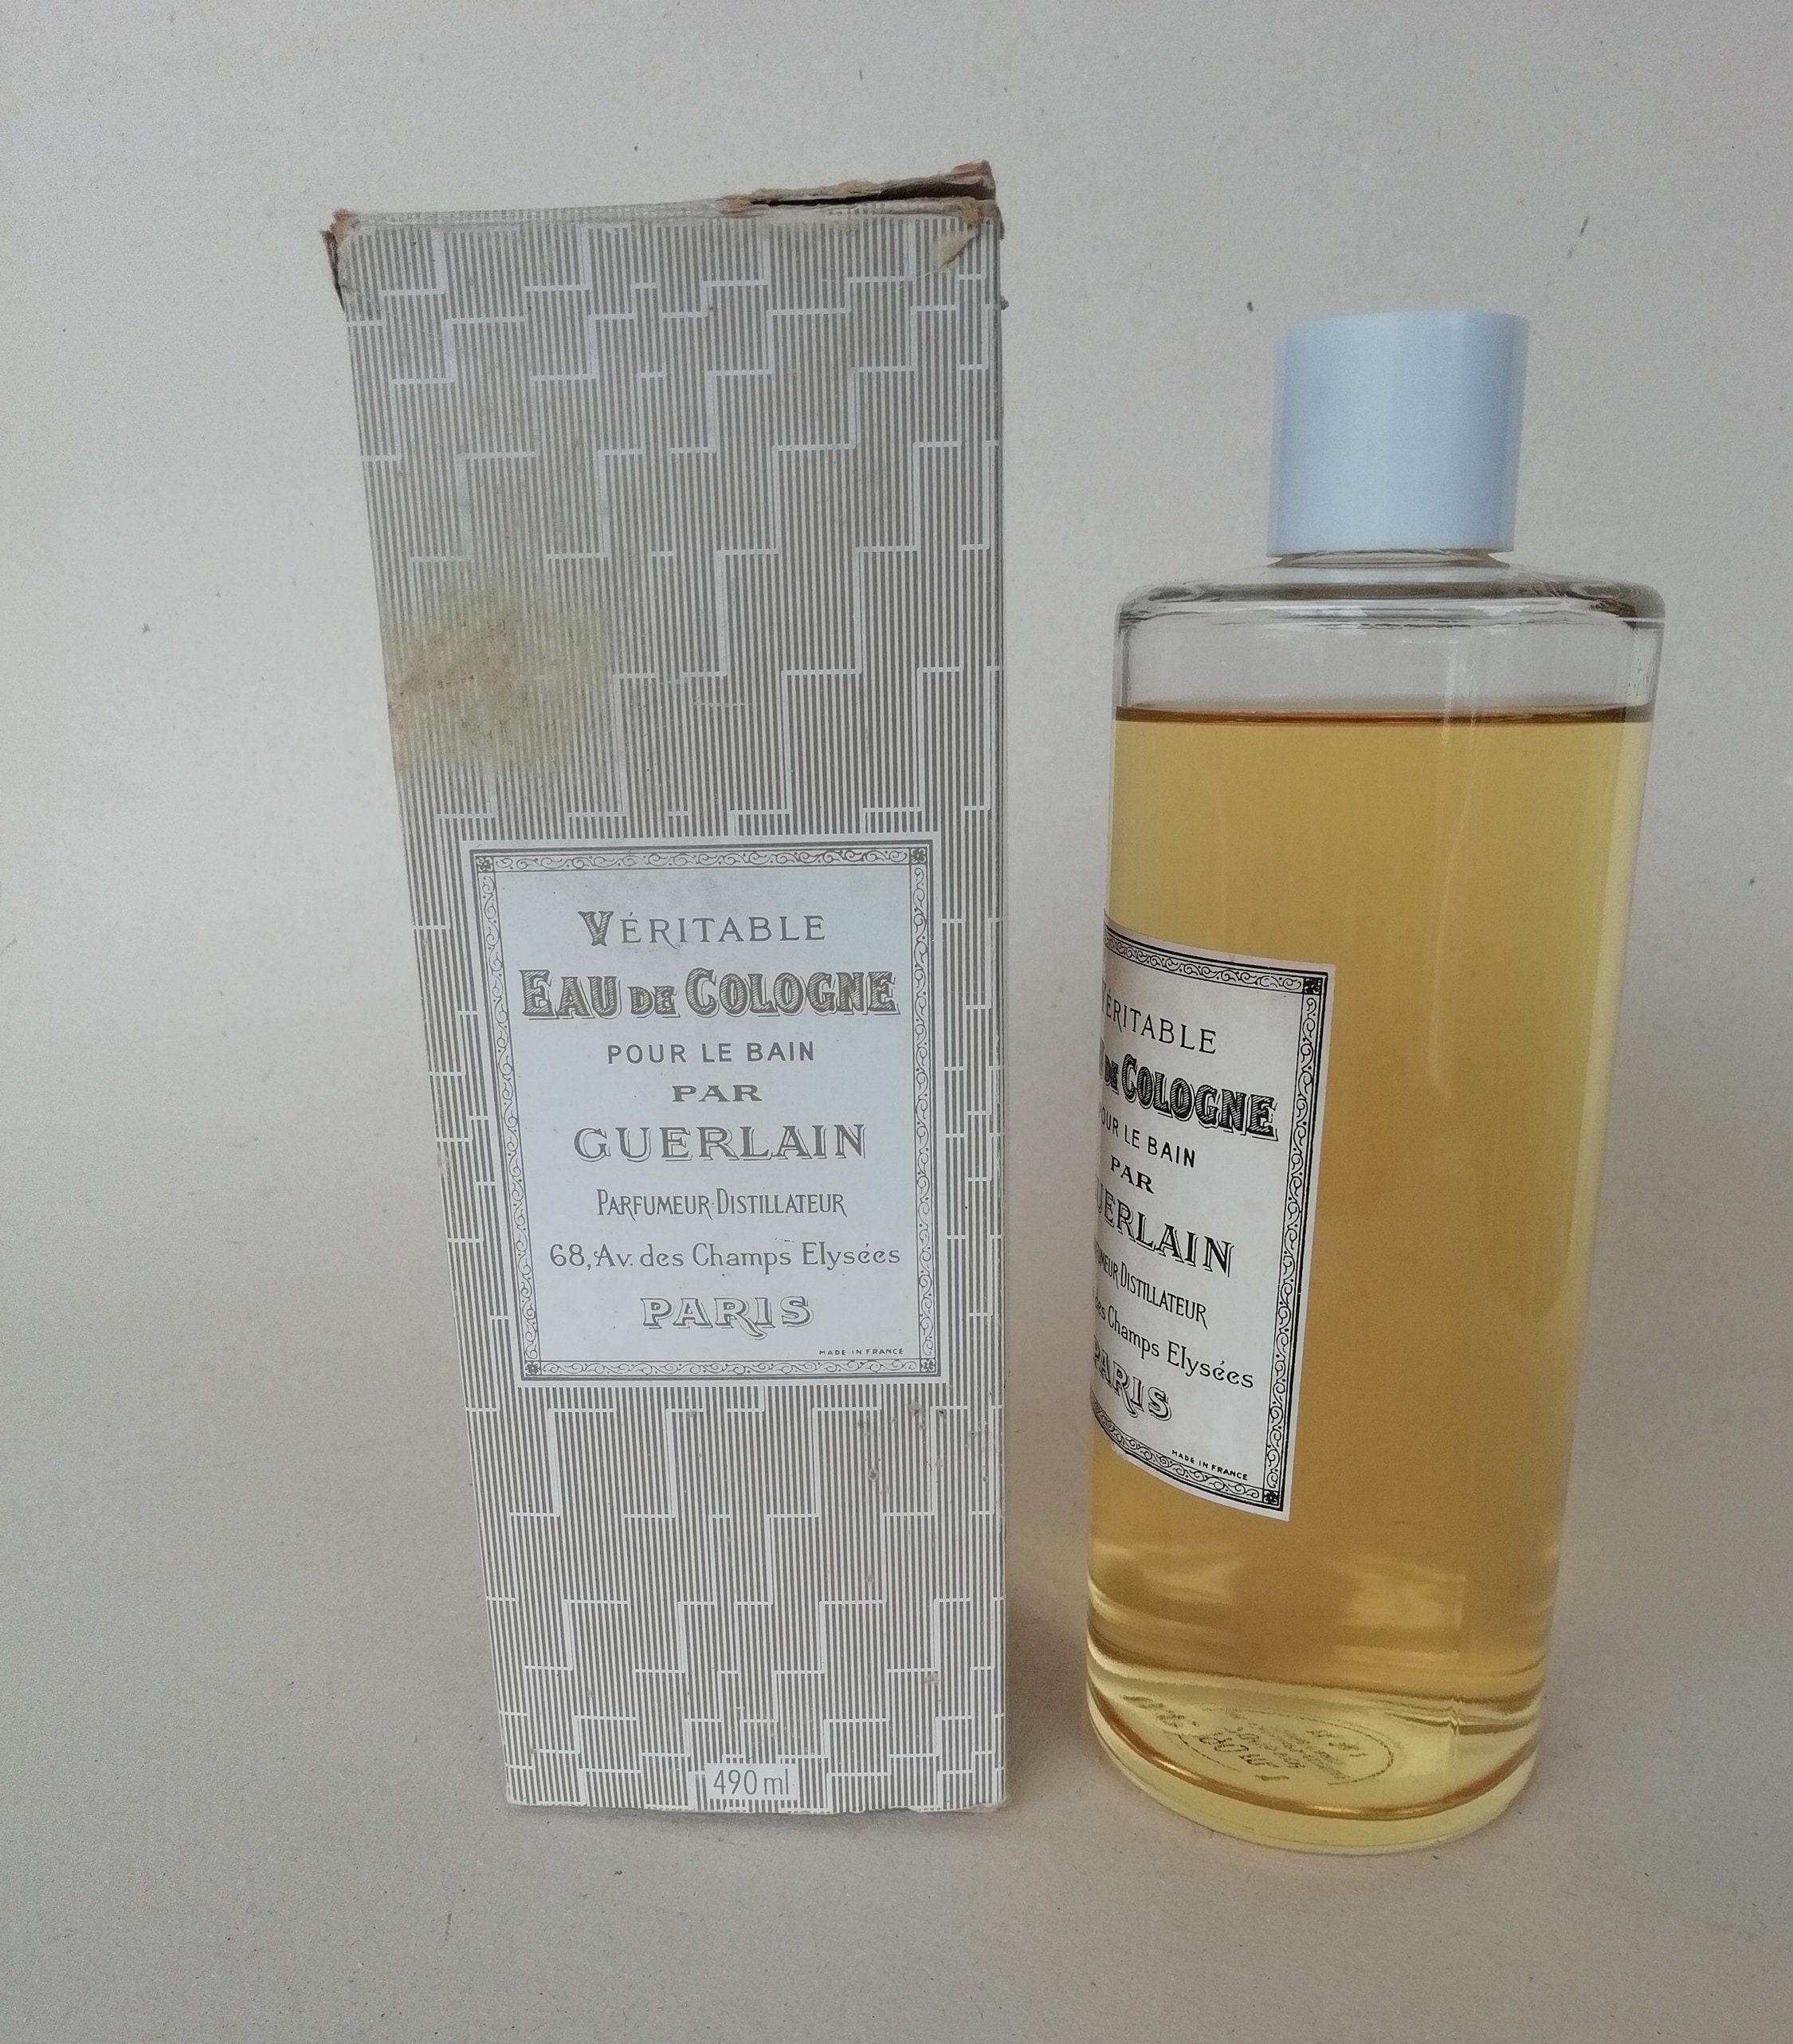 Rare De Véritable Pour Ancien Le Eau Cologne Flacon Bain Par E2DHW9I